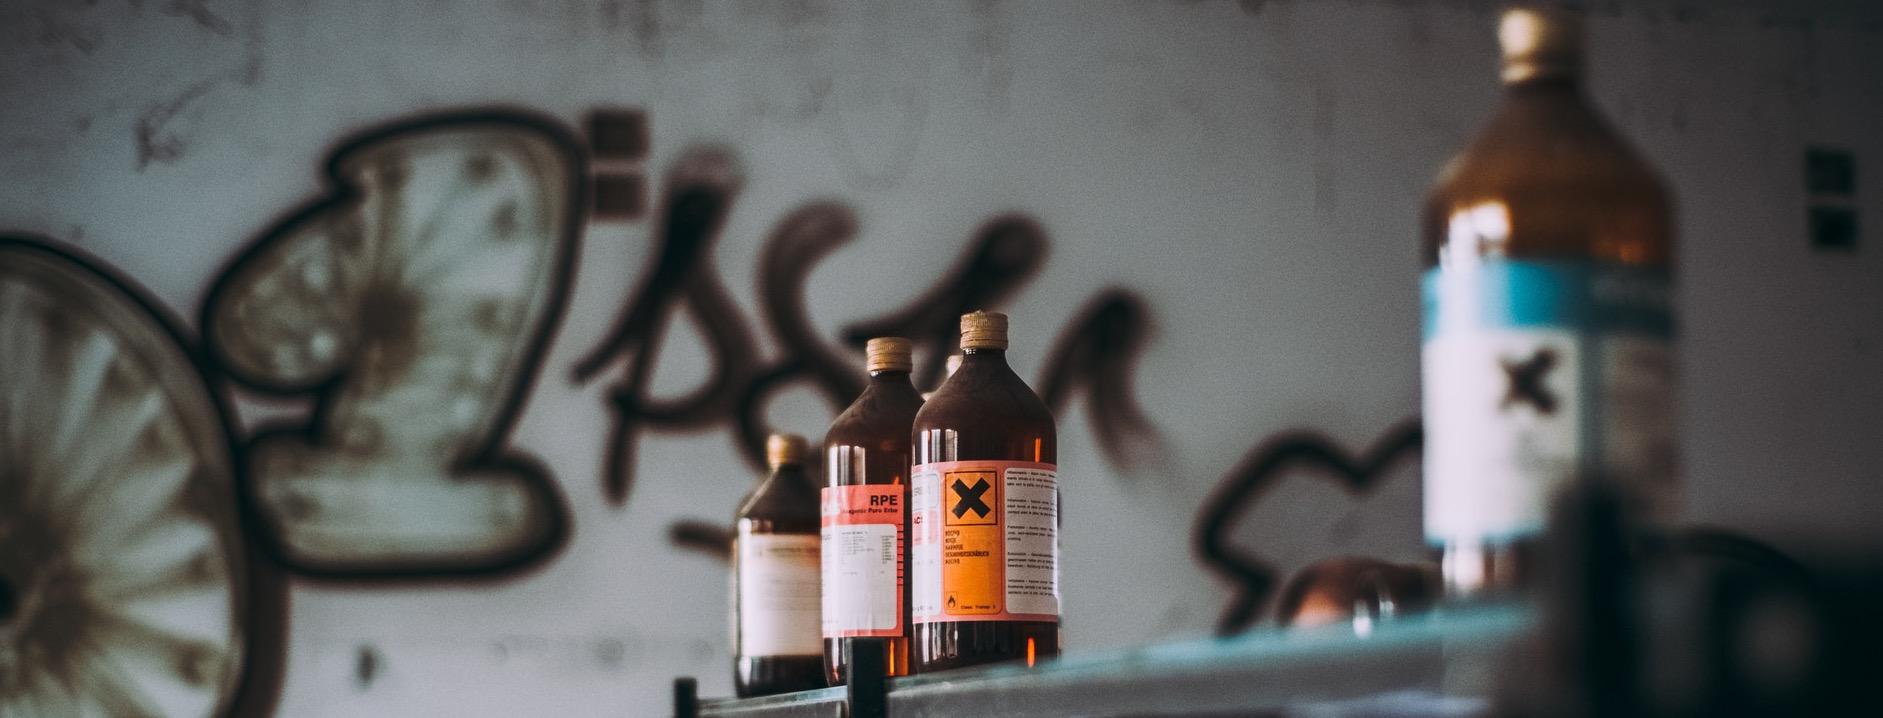 Petits déchets toxiques